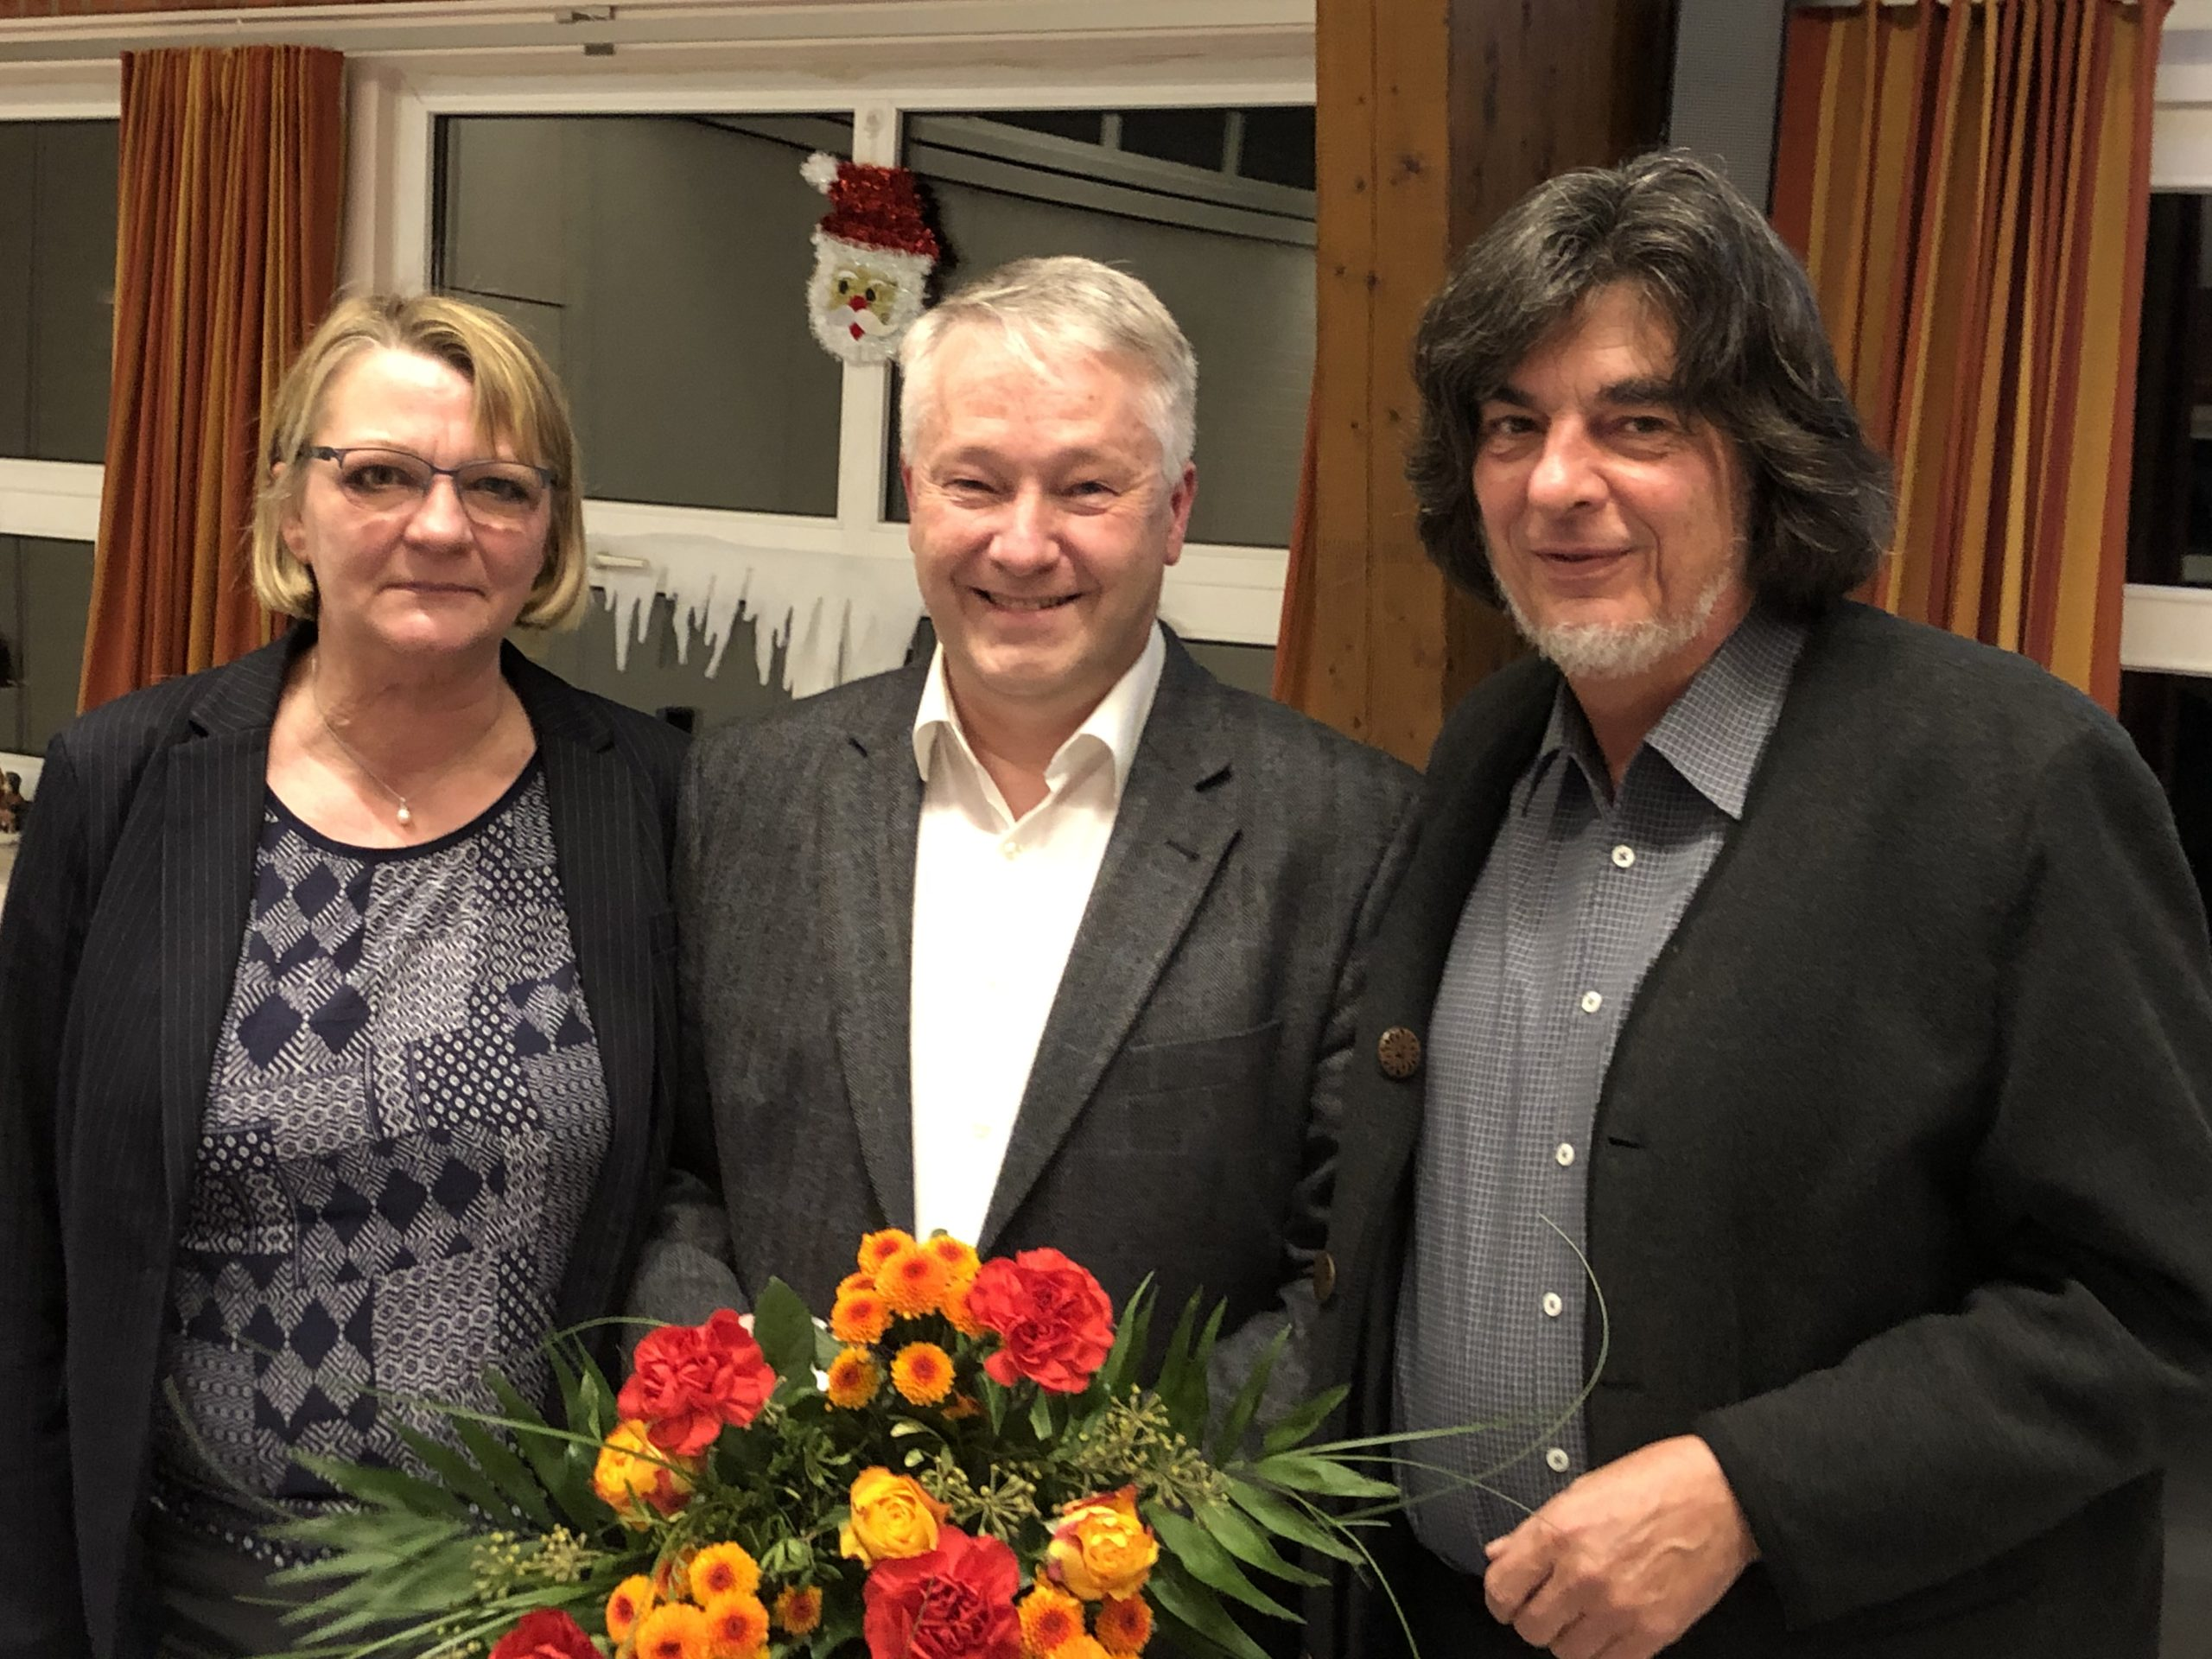 Michael Grönheim Leitete Letzte Sitzung Der Gemeindevertretung Berkenthin